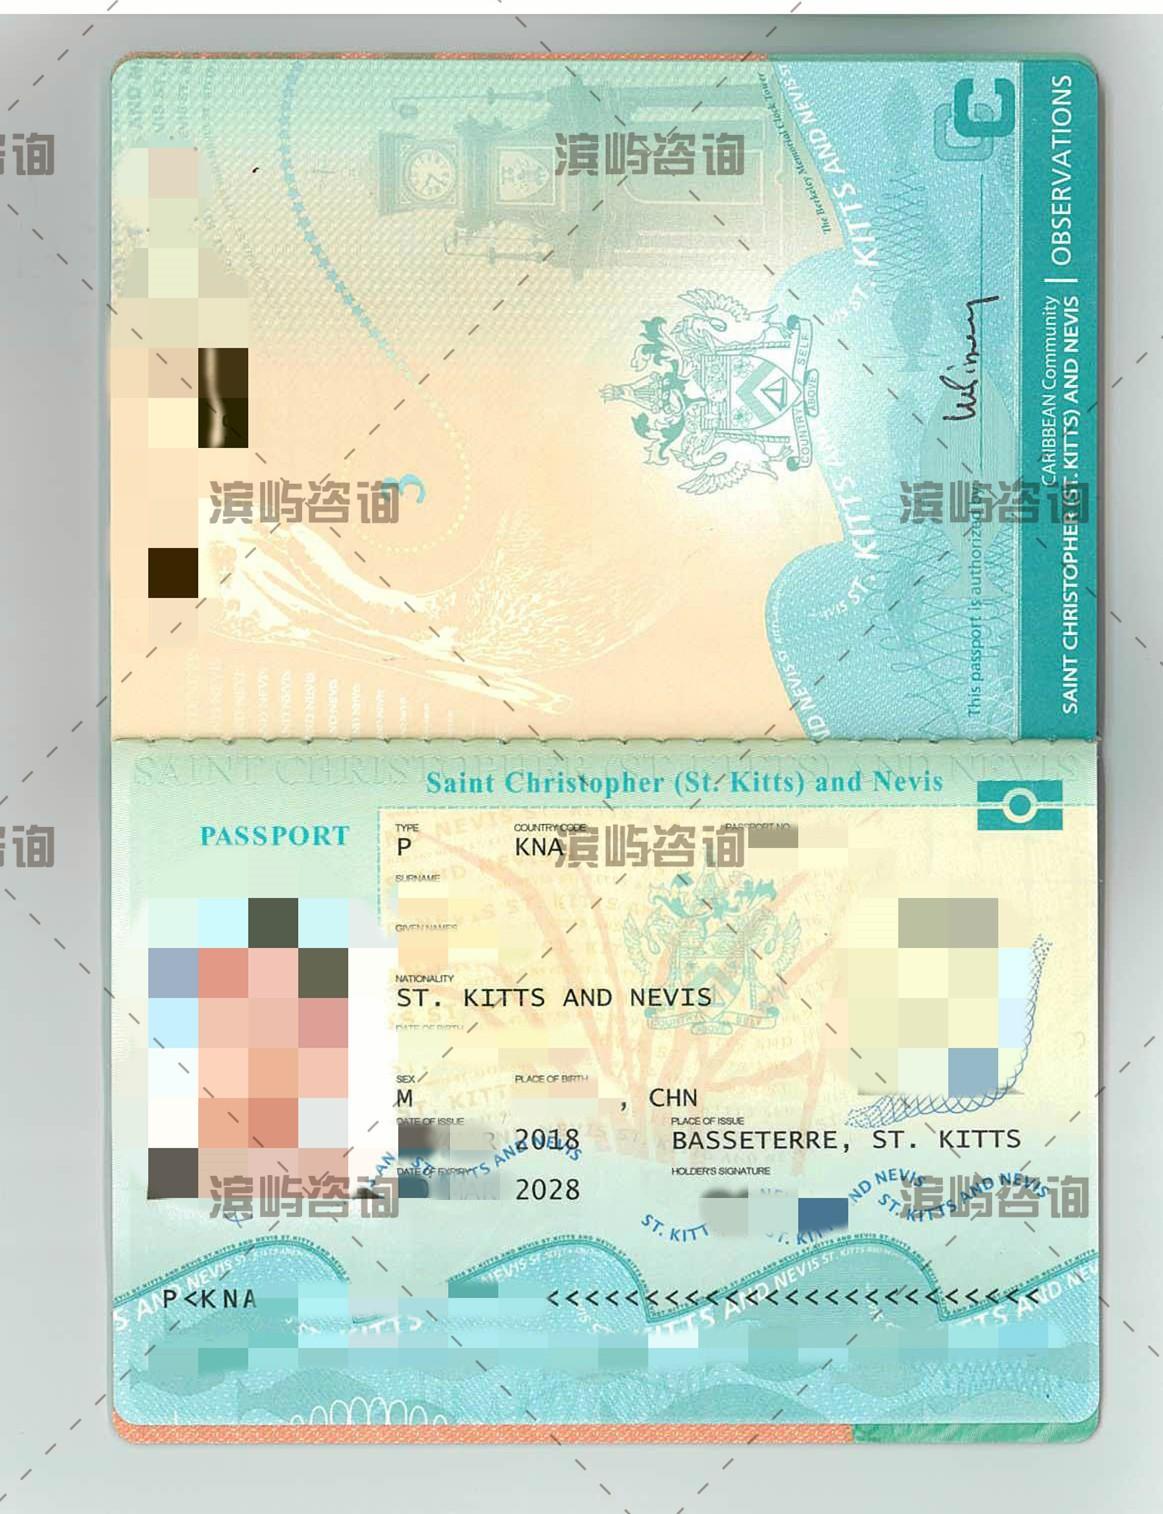 圣基茨移民成功案例-护照样本